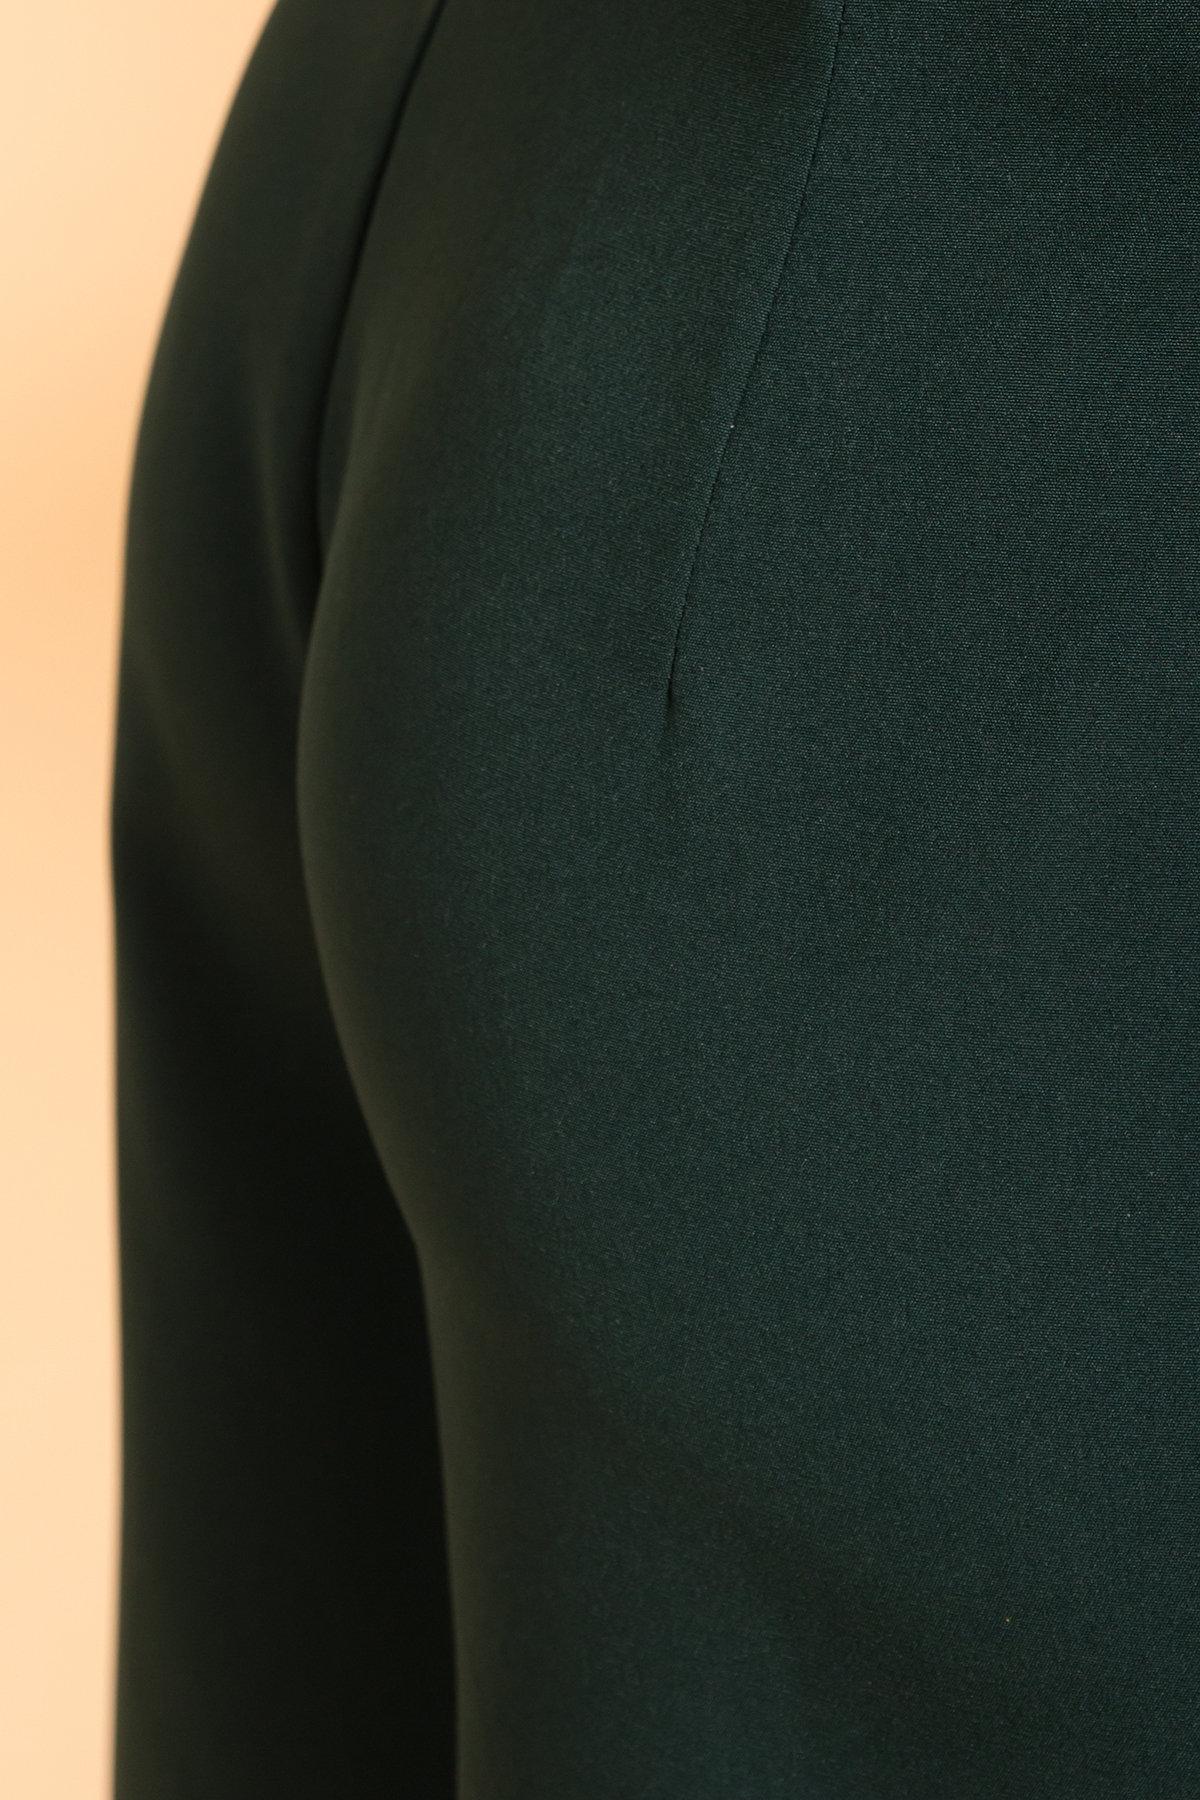 Брюки кюлоты Шерон 2800 АРТ. 41363 Цвет: Зеленый Темный - фото 5, интернет магазин tm-modus.ru